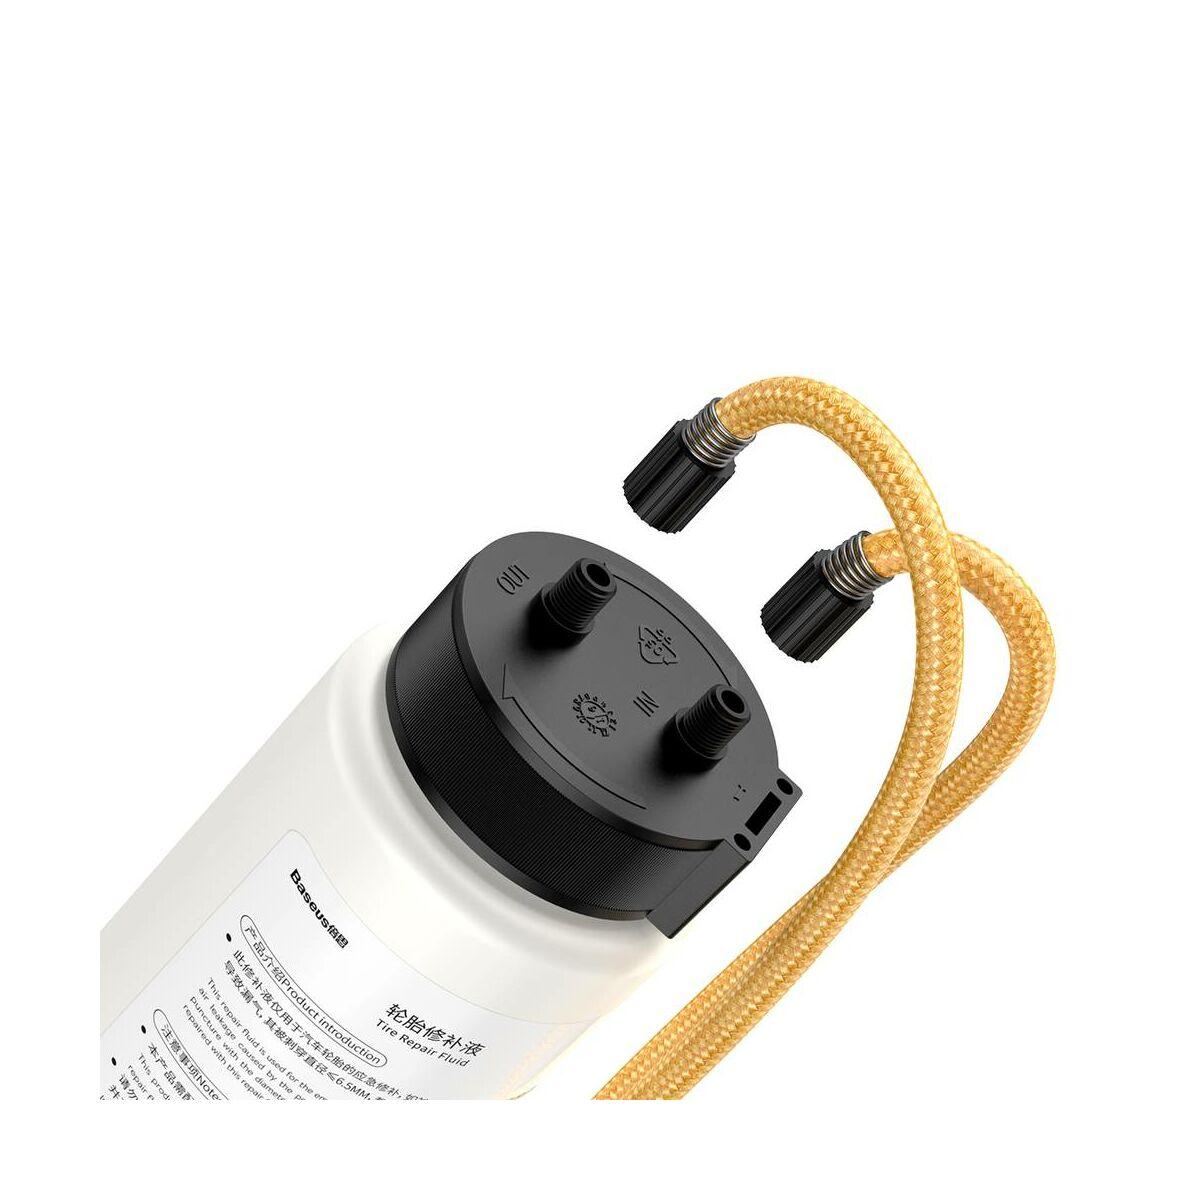 Baseus autós kiegészítő, defekt javító anyag, fehér (CRXBY-02)